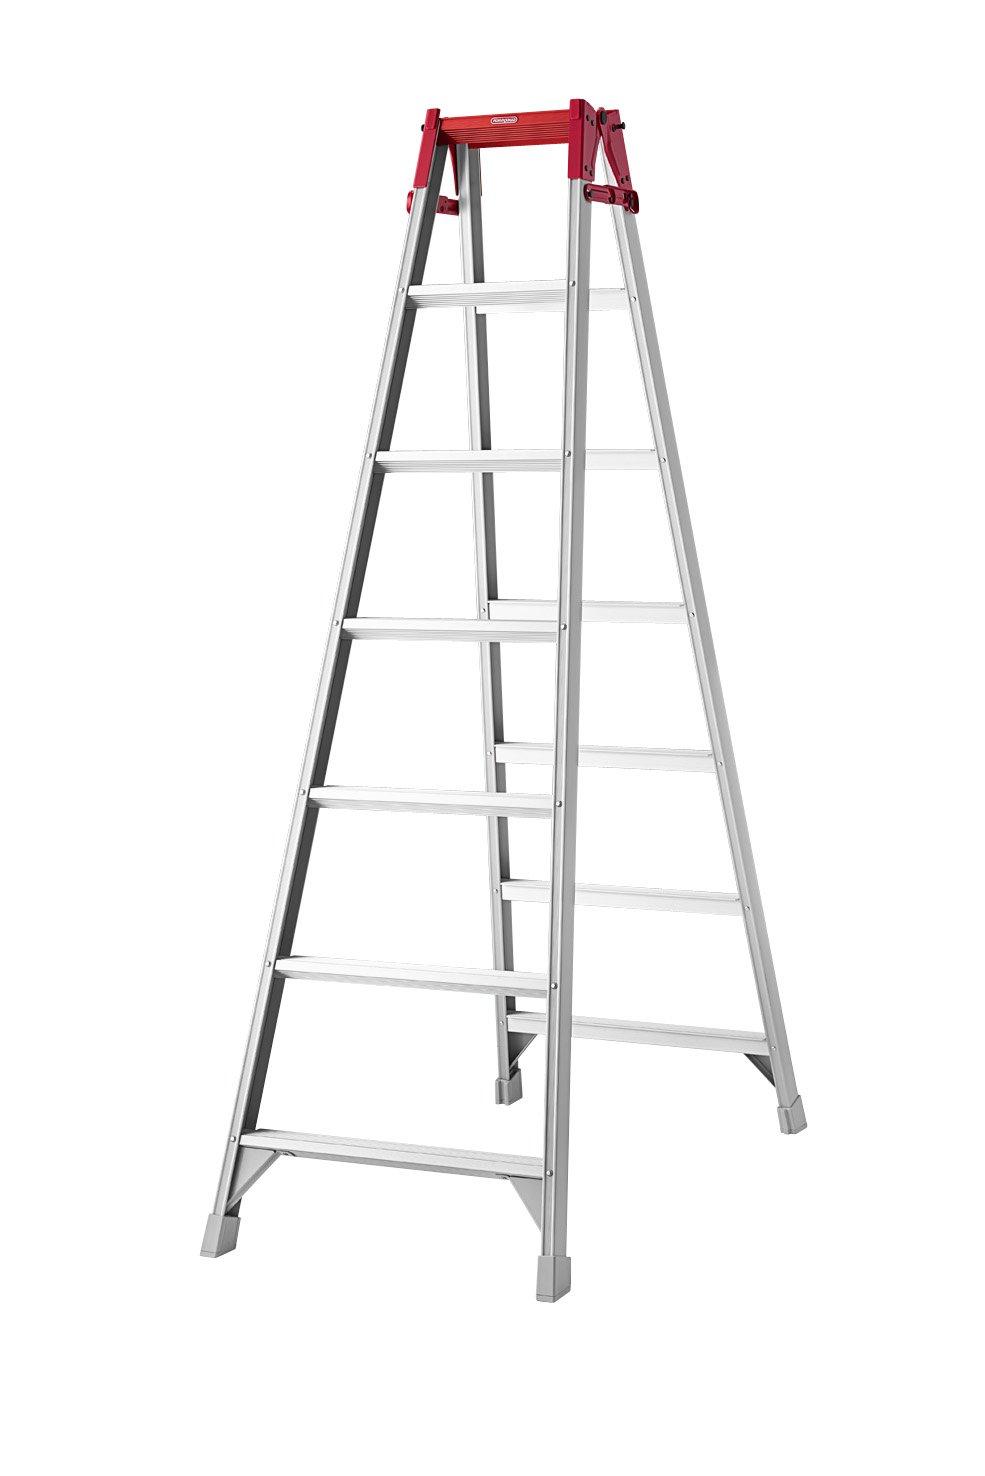 【はしご】 【プロ仕様】 【長谷川工業】 RA 【脚立】 【送料無料】 RA-15 5段 はしご兼用脚立